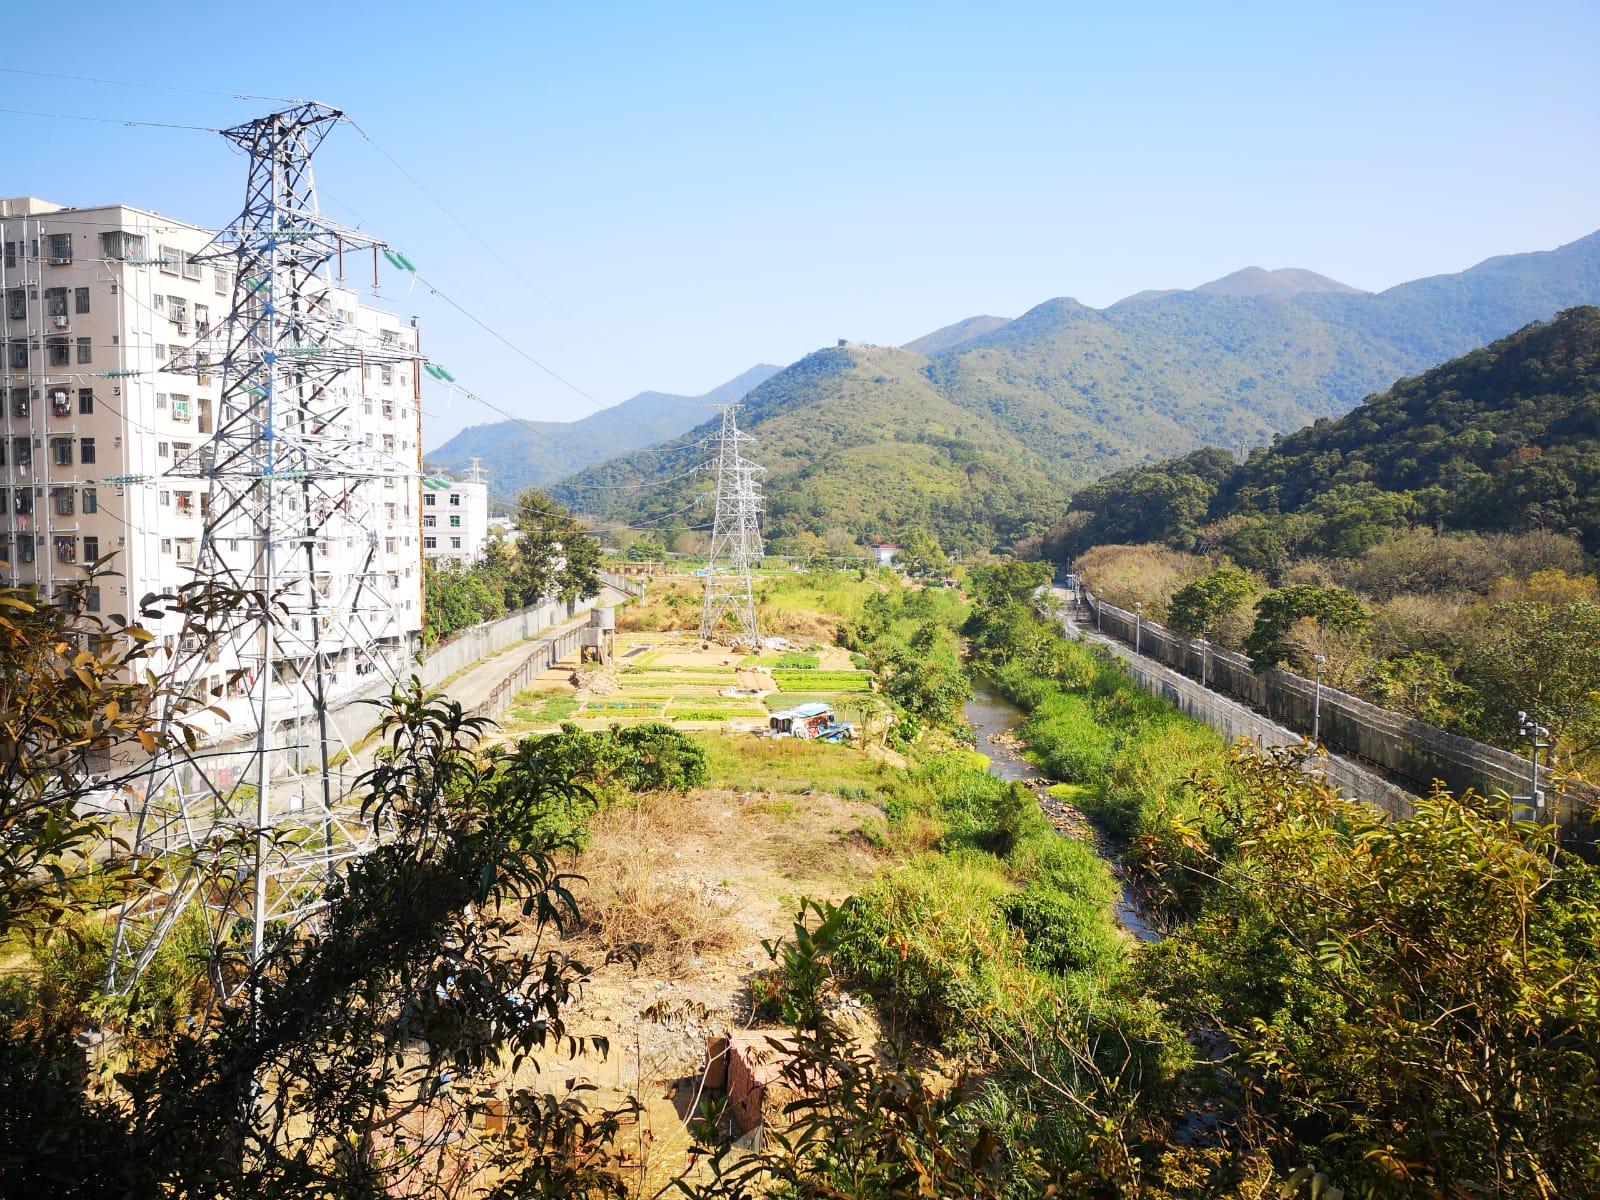 右邊: 蓮麻坑村